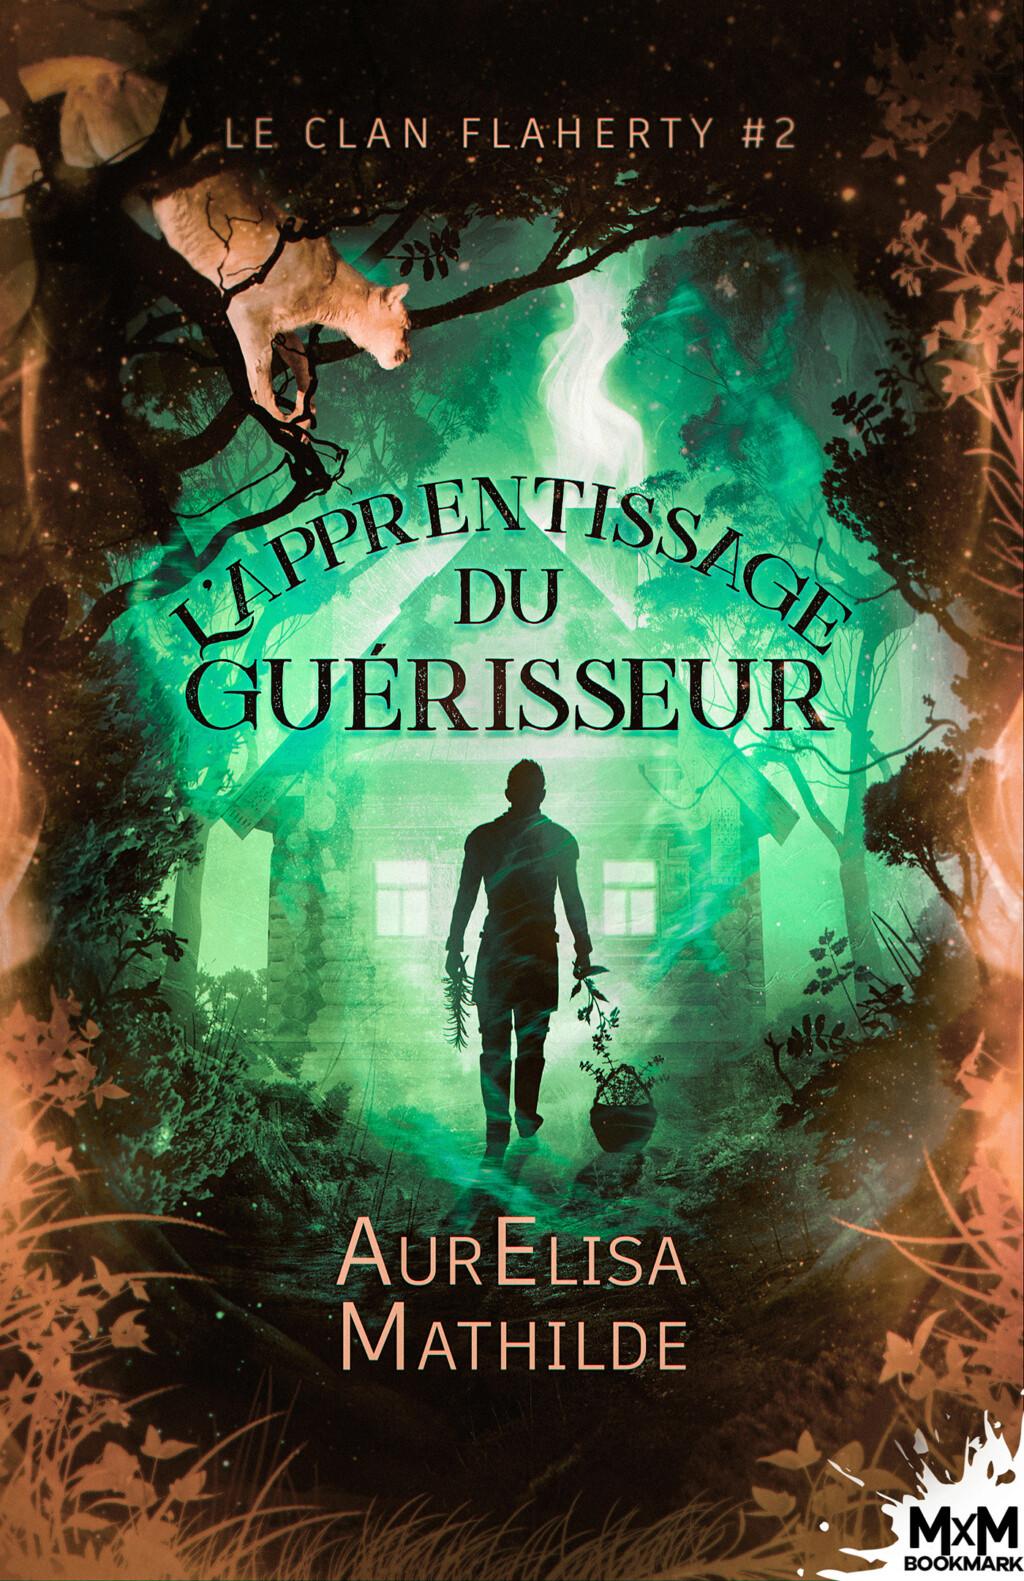 Le Clan Flaherty - Tome 2 : L'apprentissage du Guérisseur de AurElisa Mathilde Le-cla12